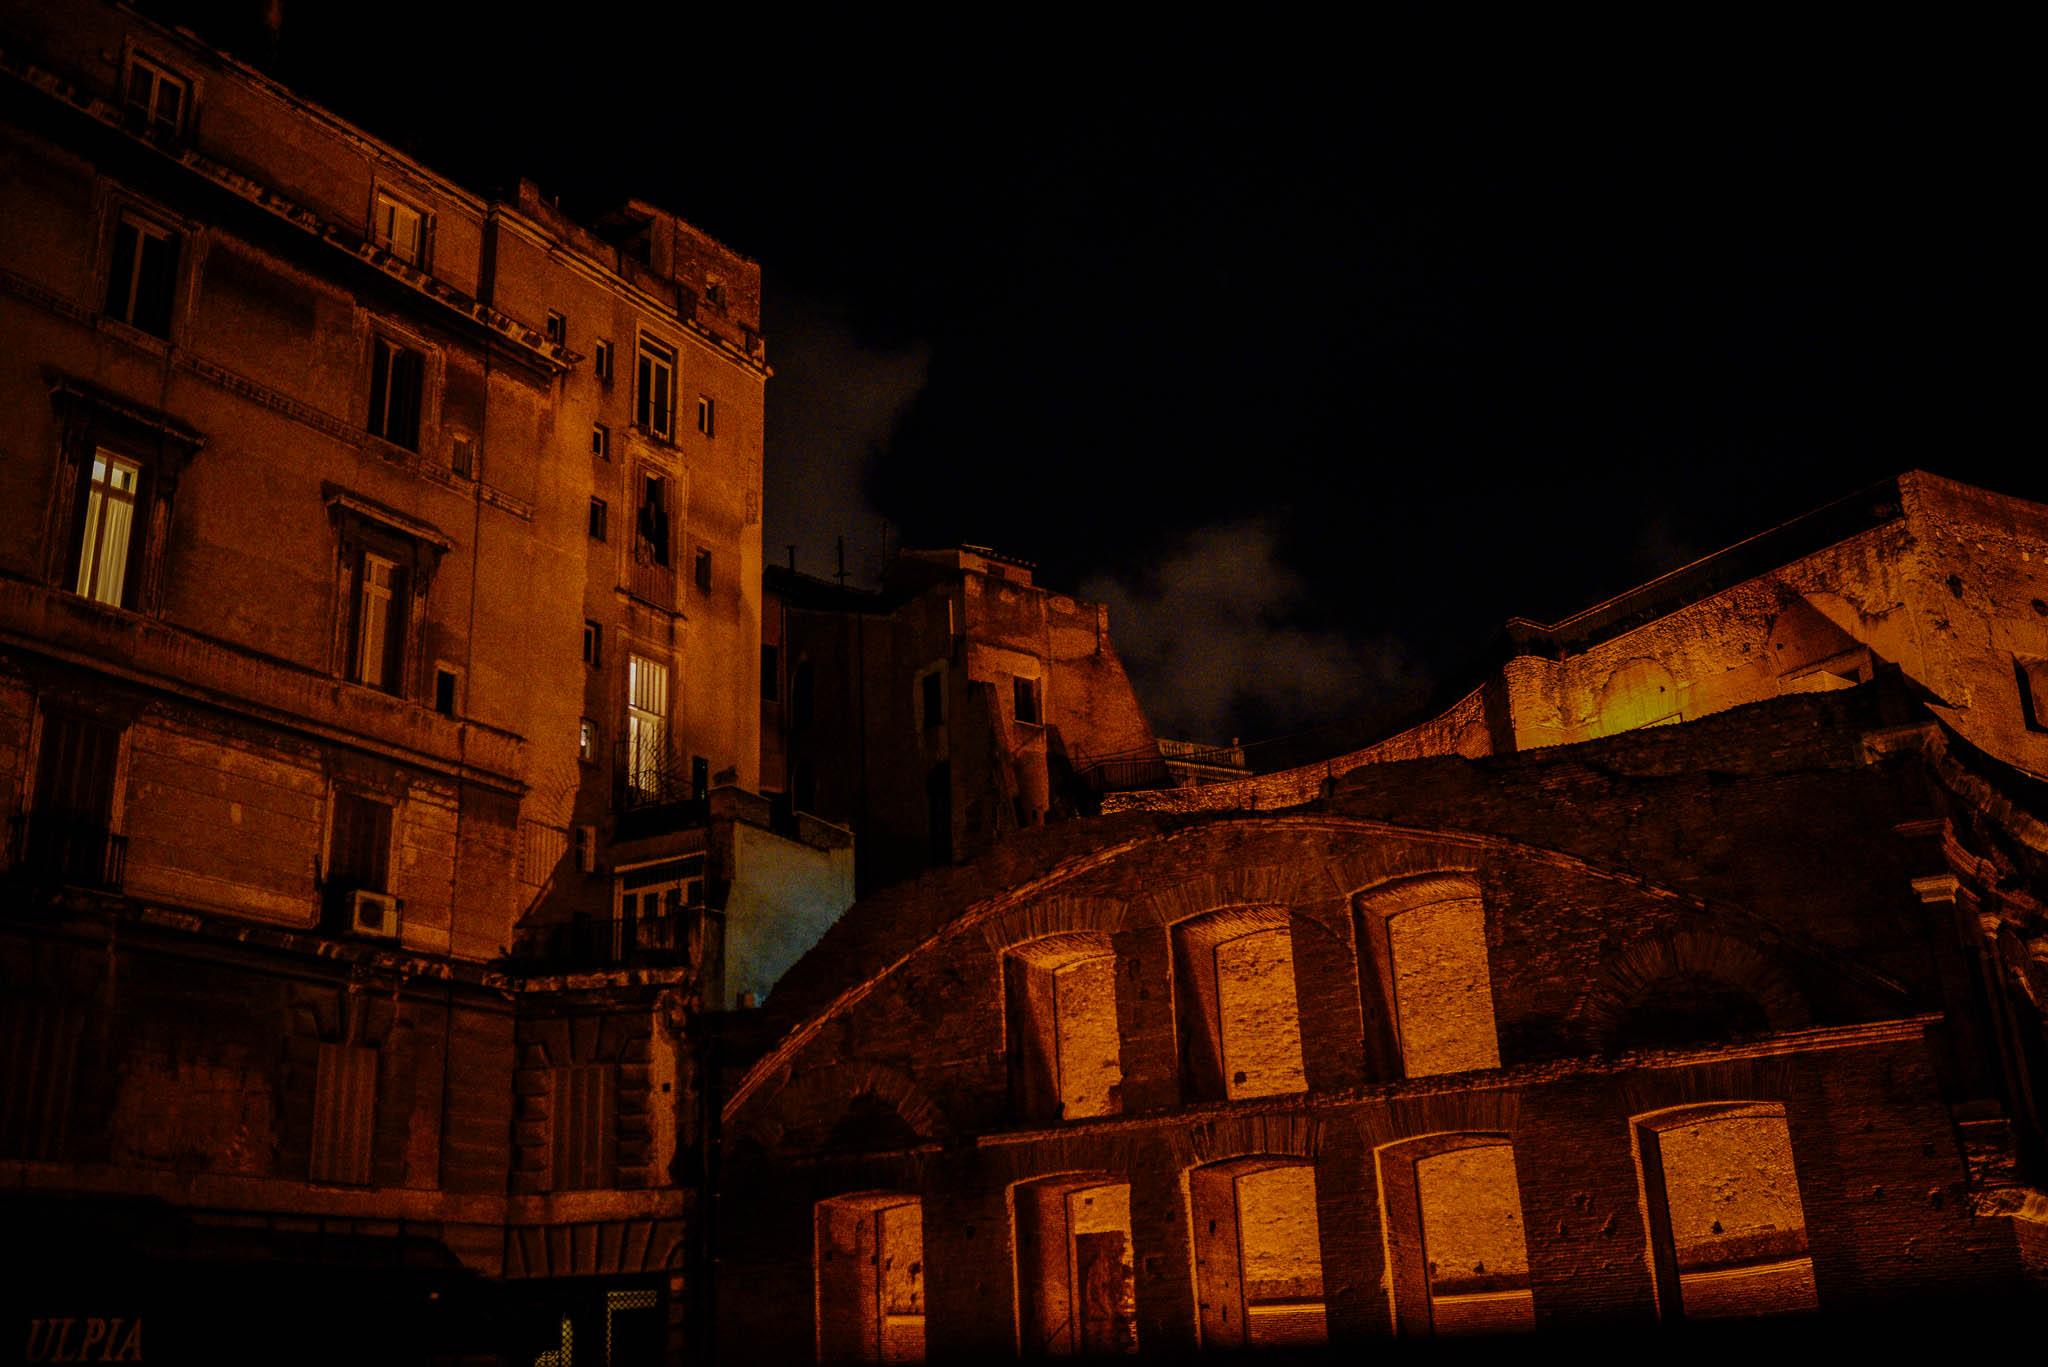 Italy – Rome night